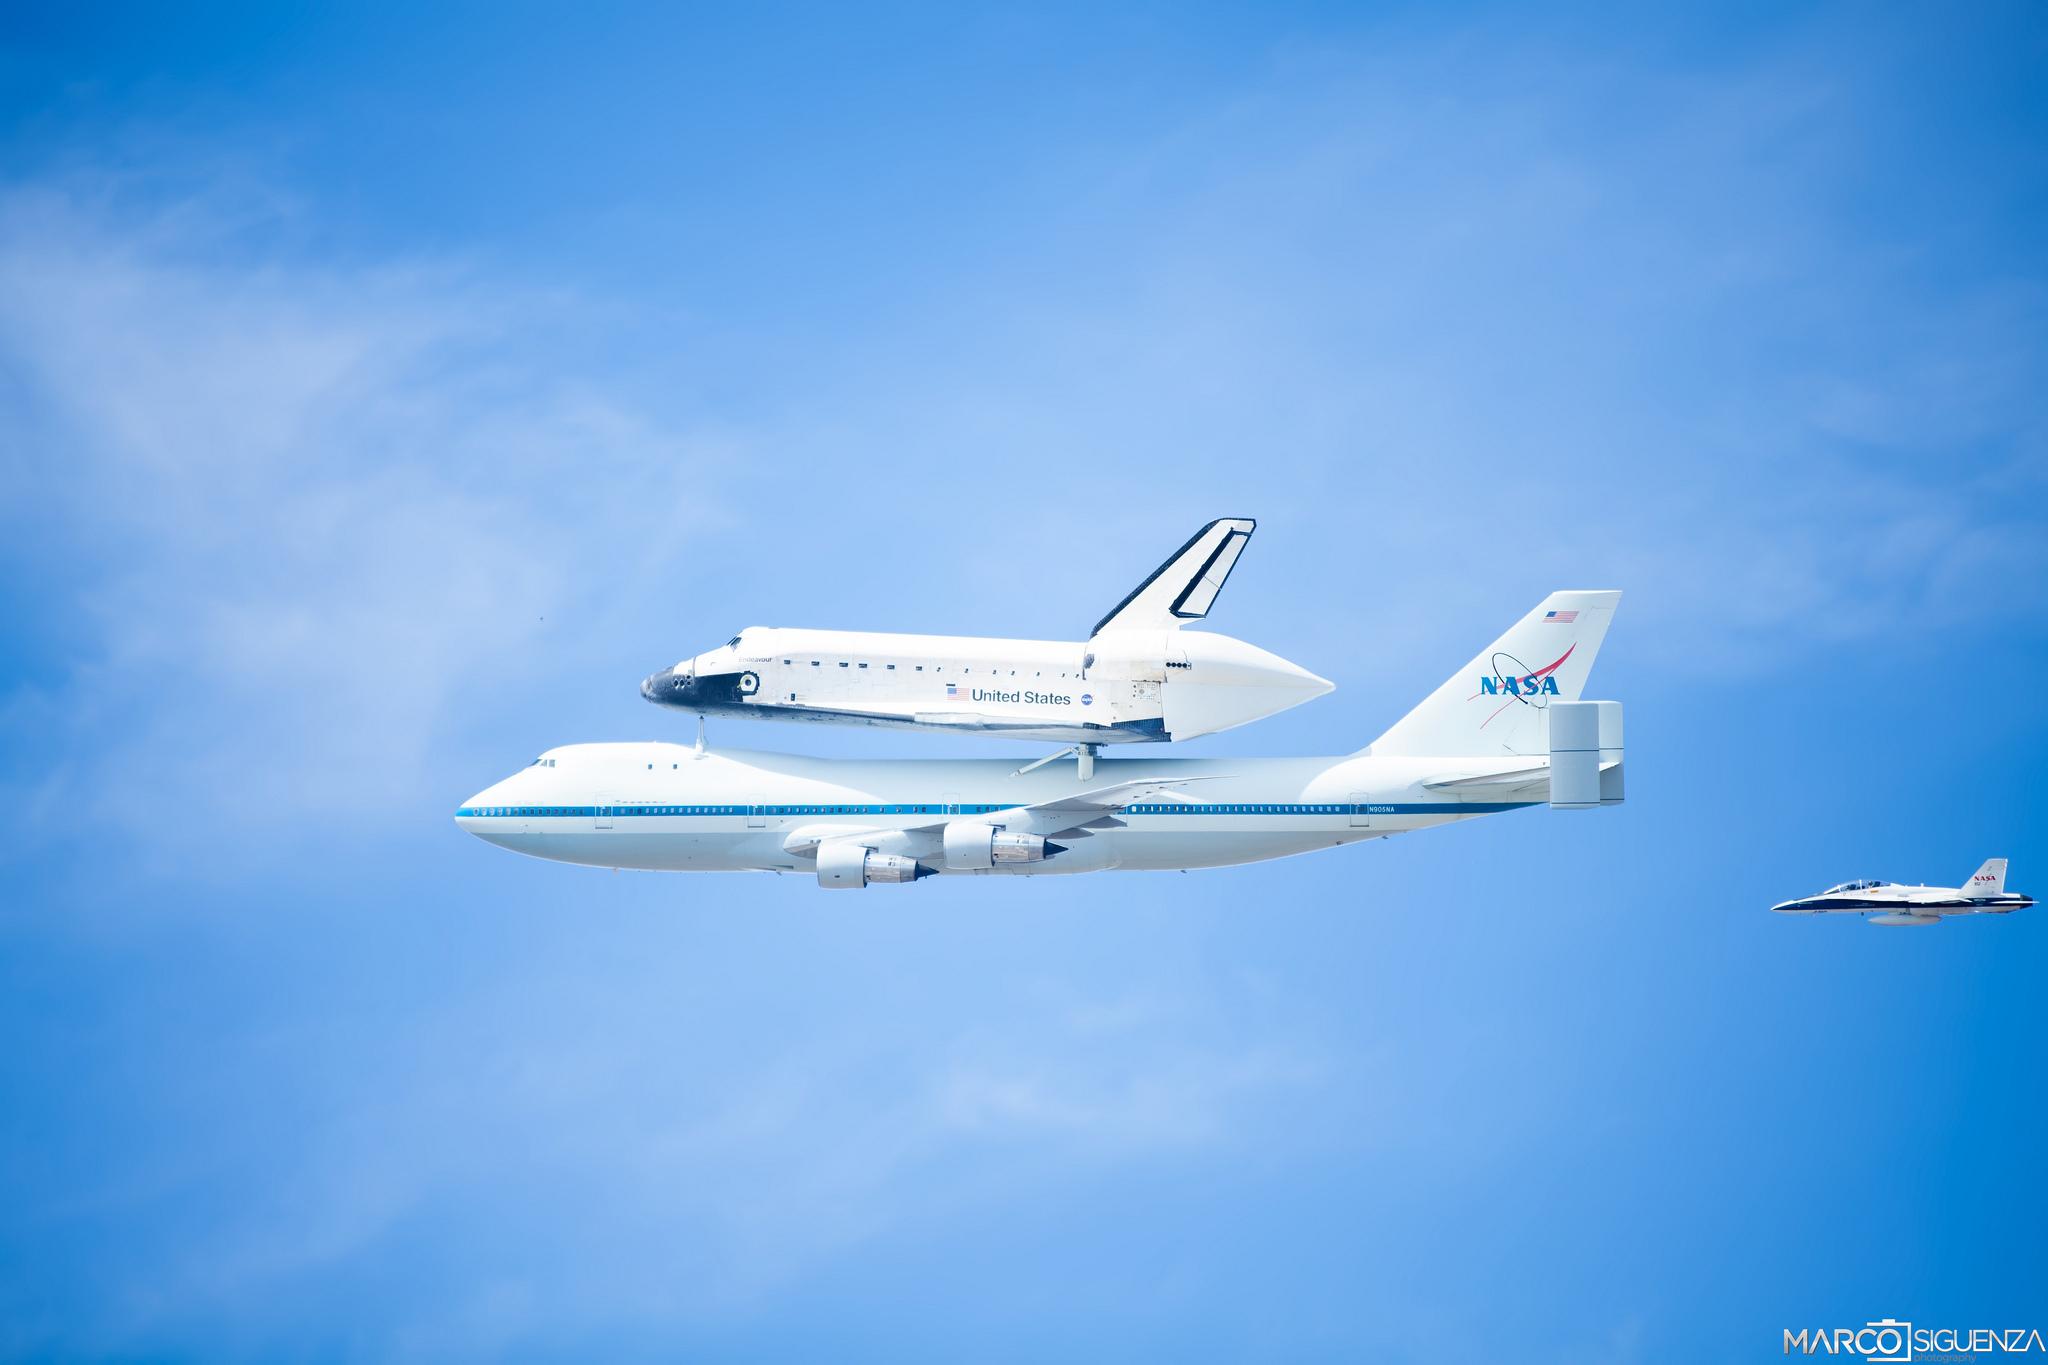 Картинка: Небо, самолёт, боинг, шатл, NASA, летят